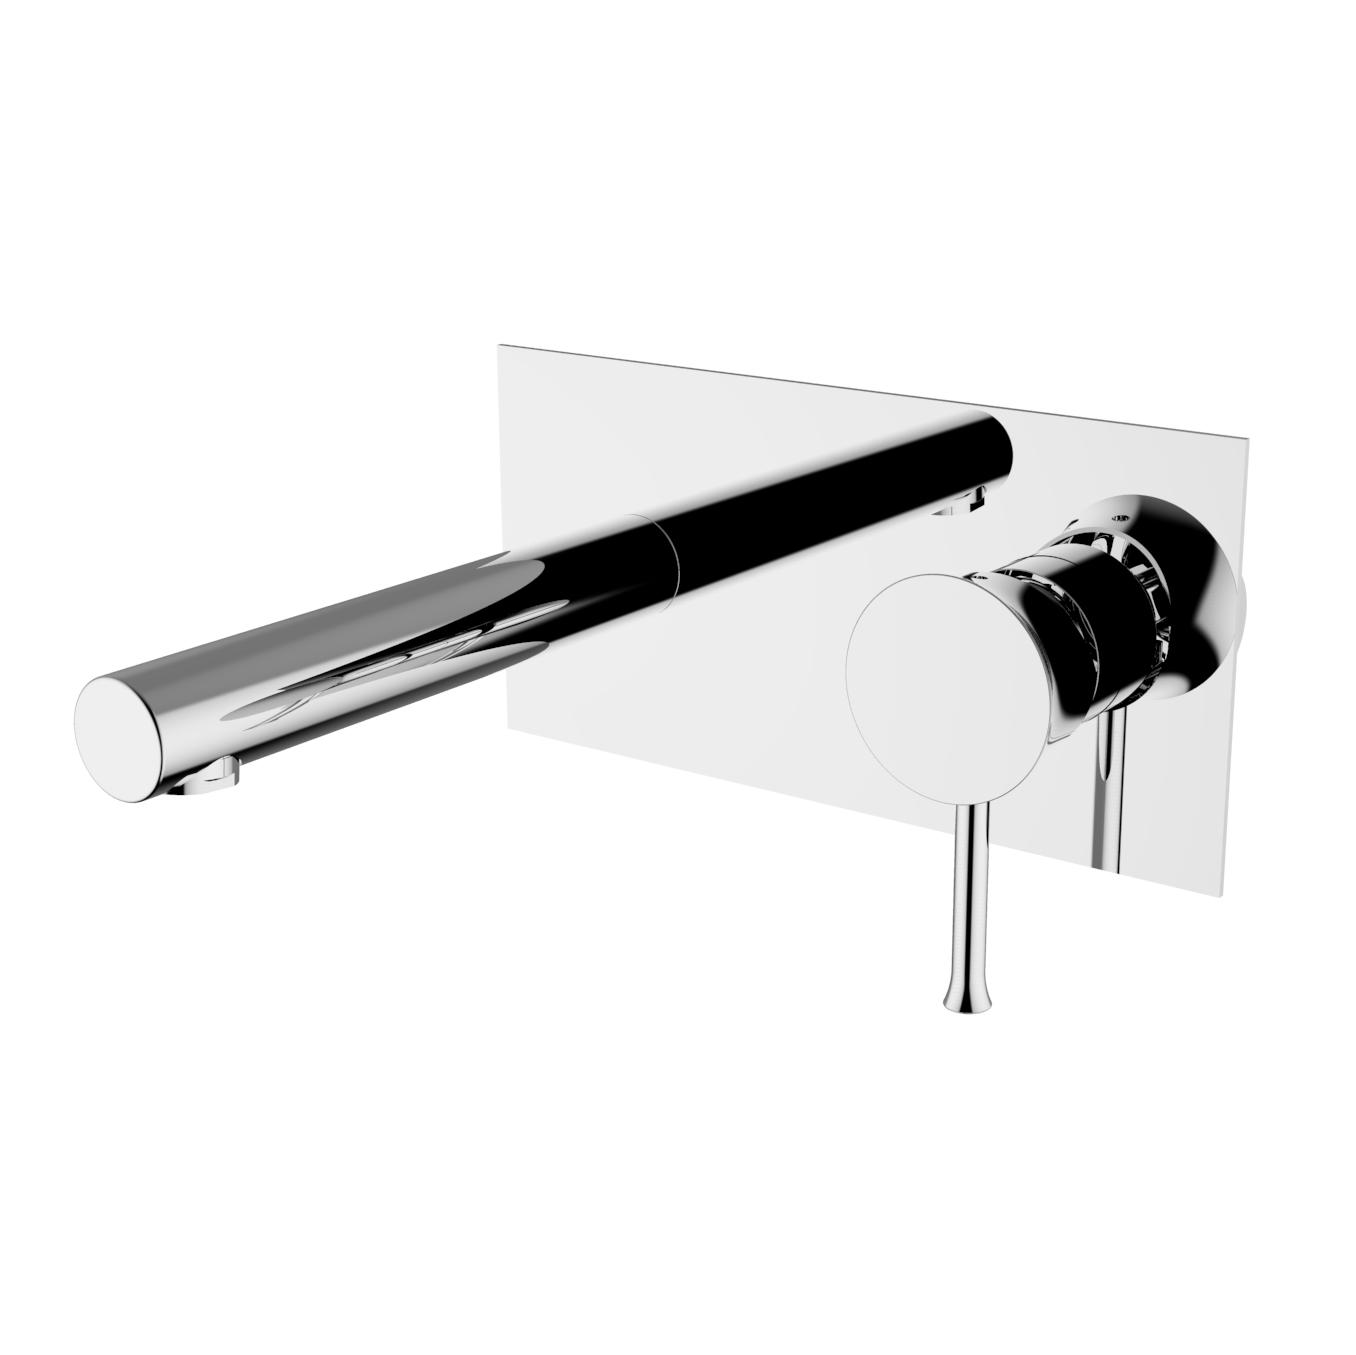 HD Image CHECKMATE Wall mounted basin mixer